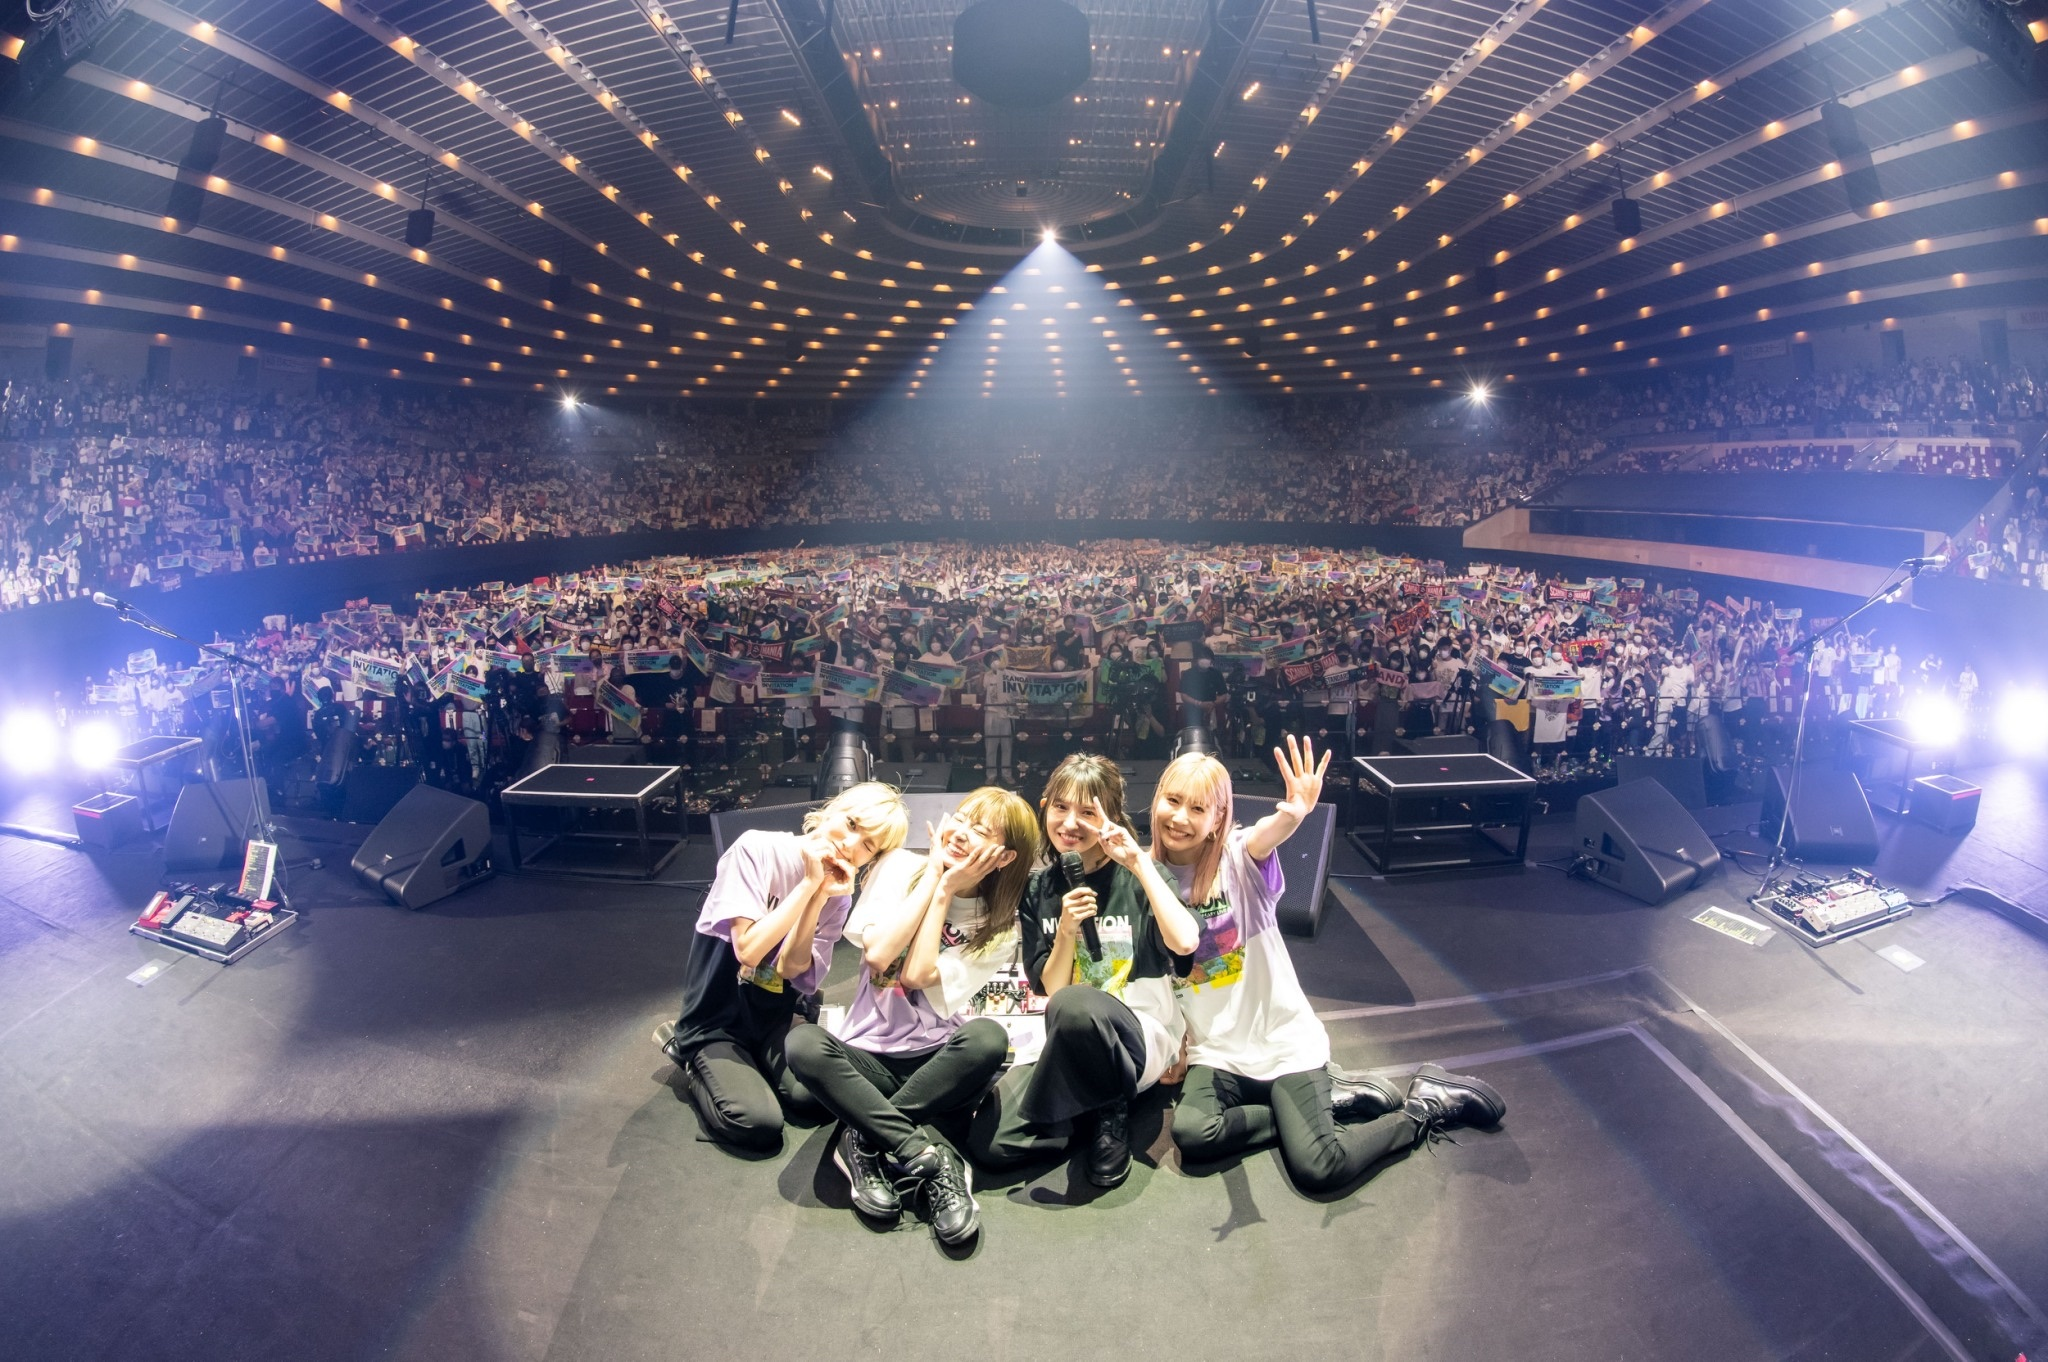 SCANDAL célèbre son 15ème anniversaire au Osaka-Jo Hall, mettant en avant des morceaux récents comme anciens (Music Natalie)